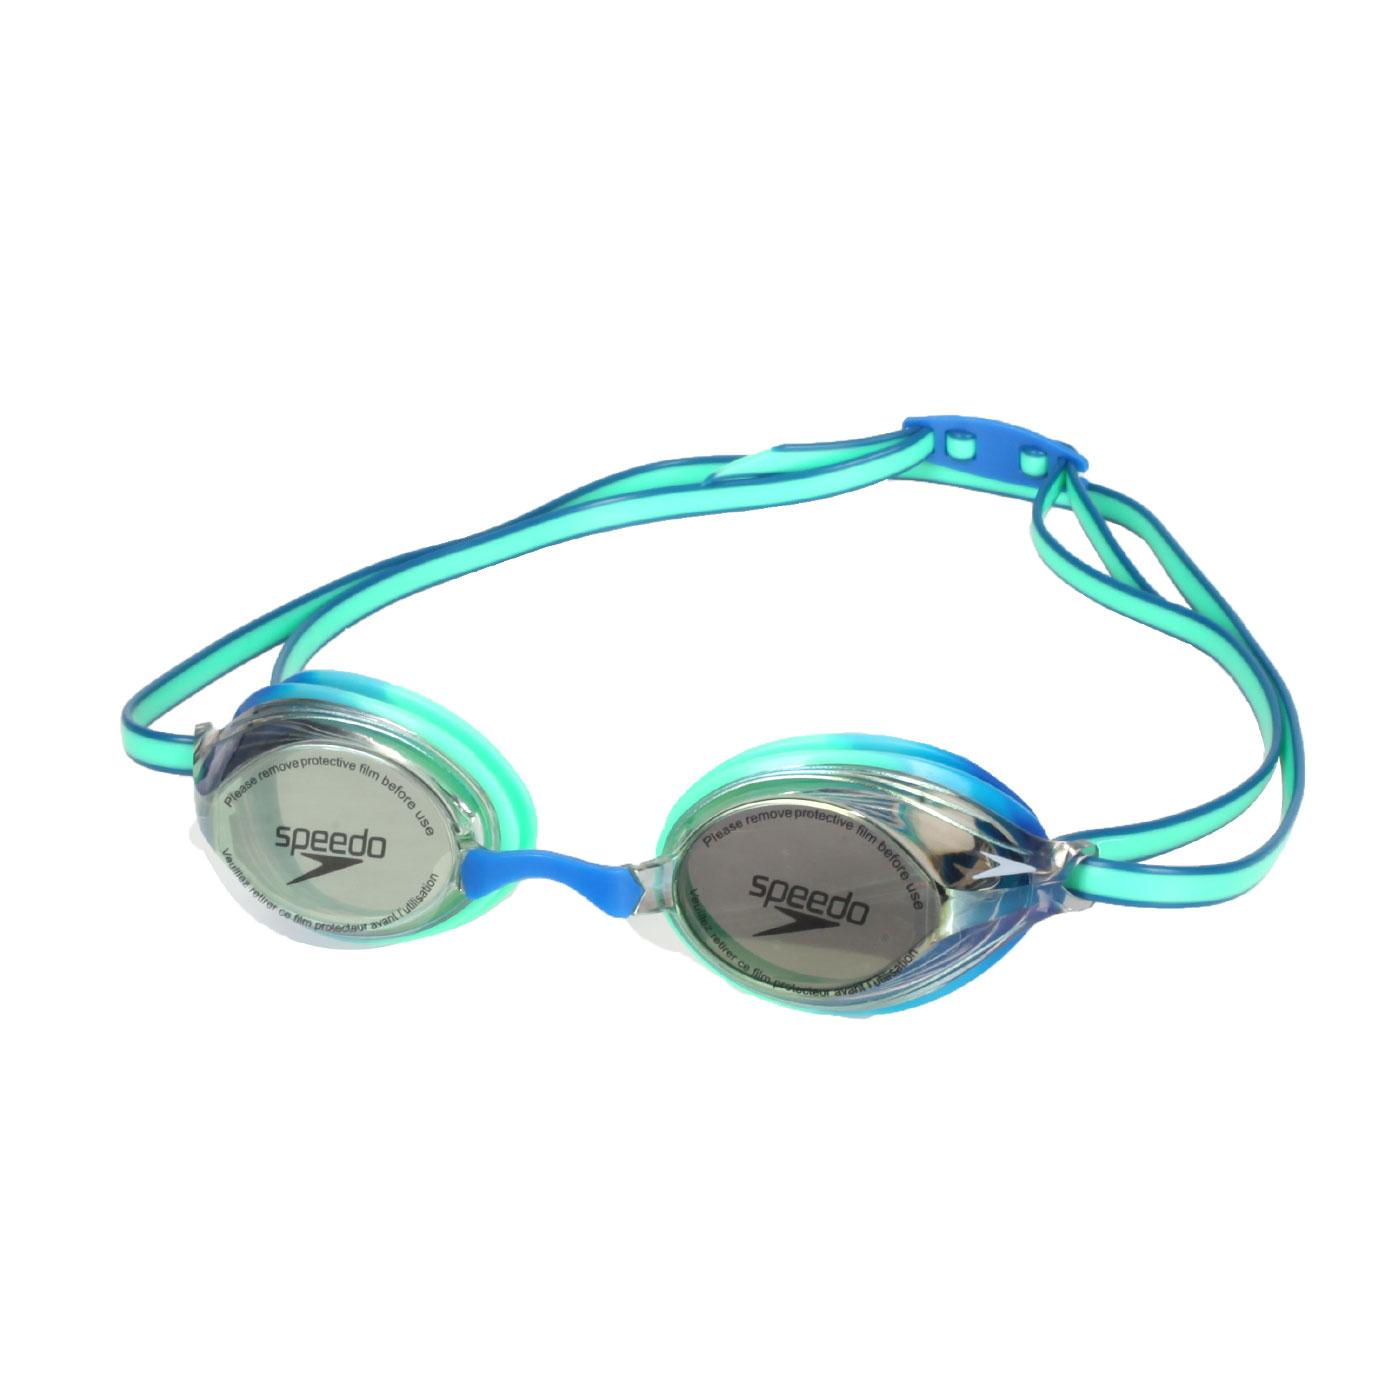 SPEEDO 兒童競技泳鏡 SD811325D651